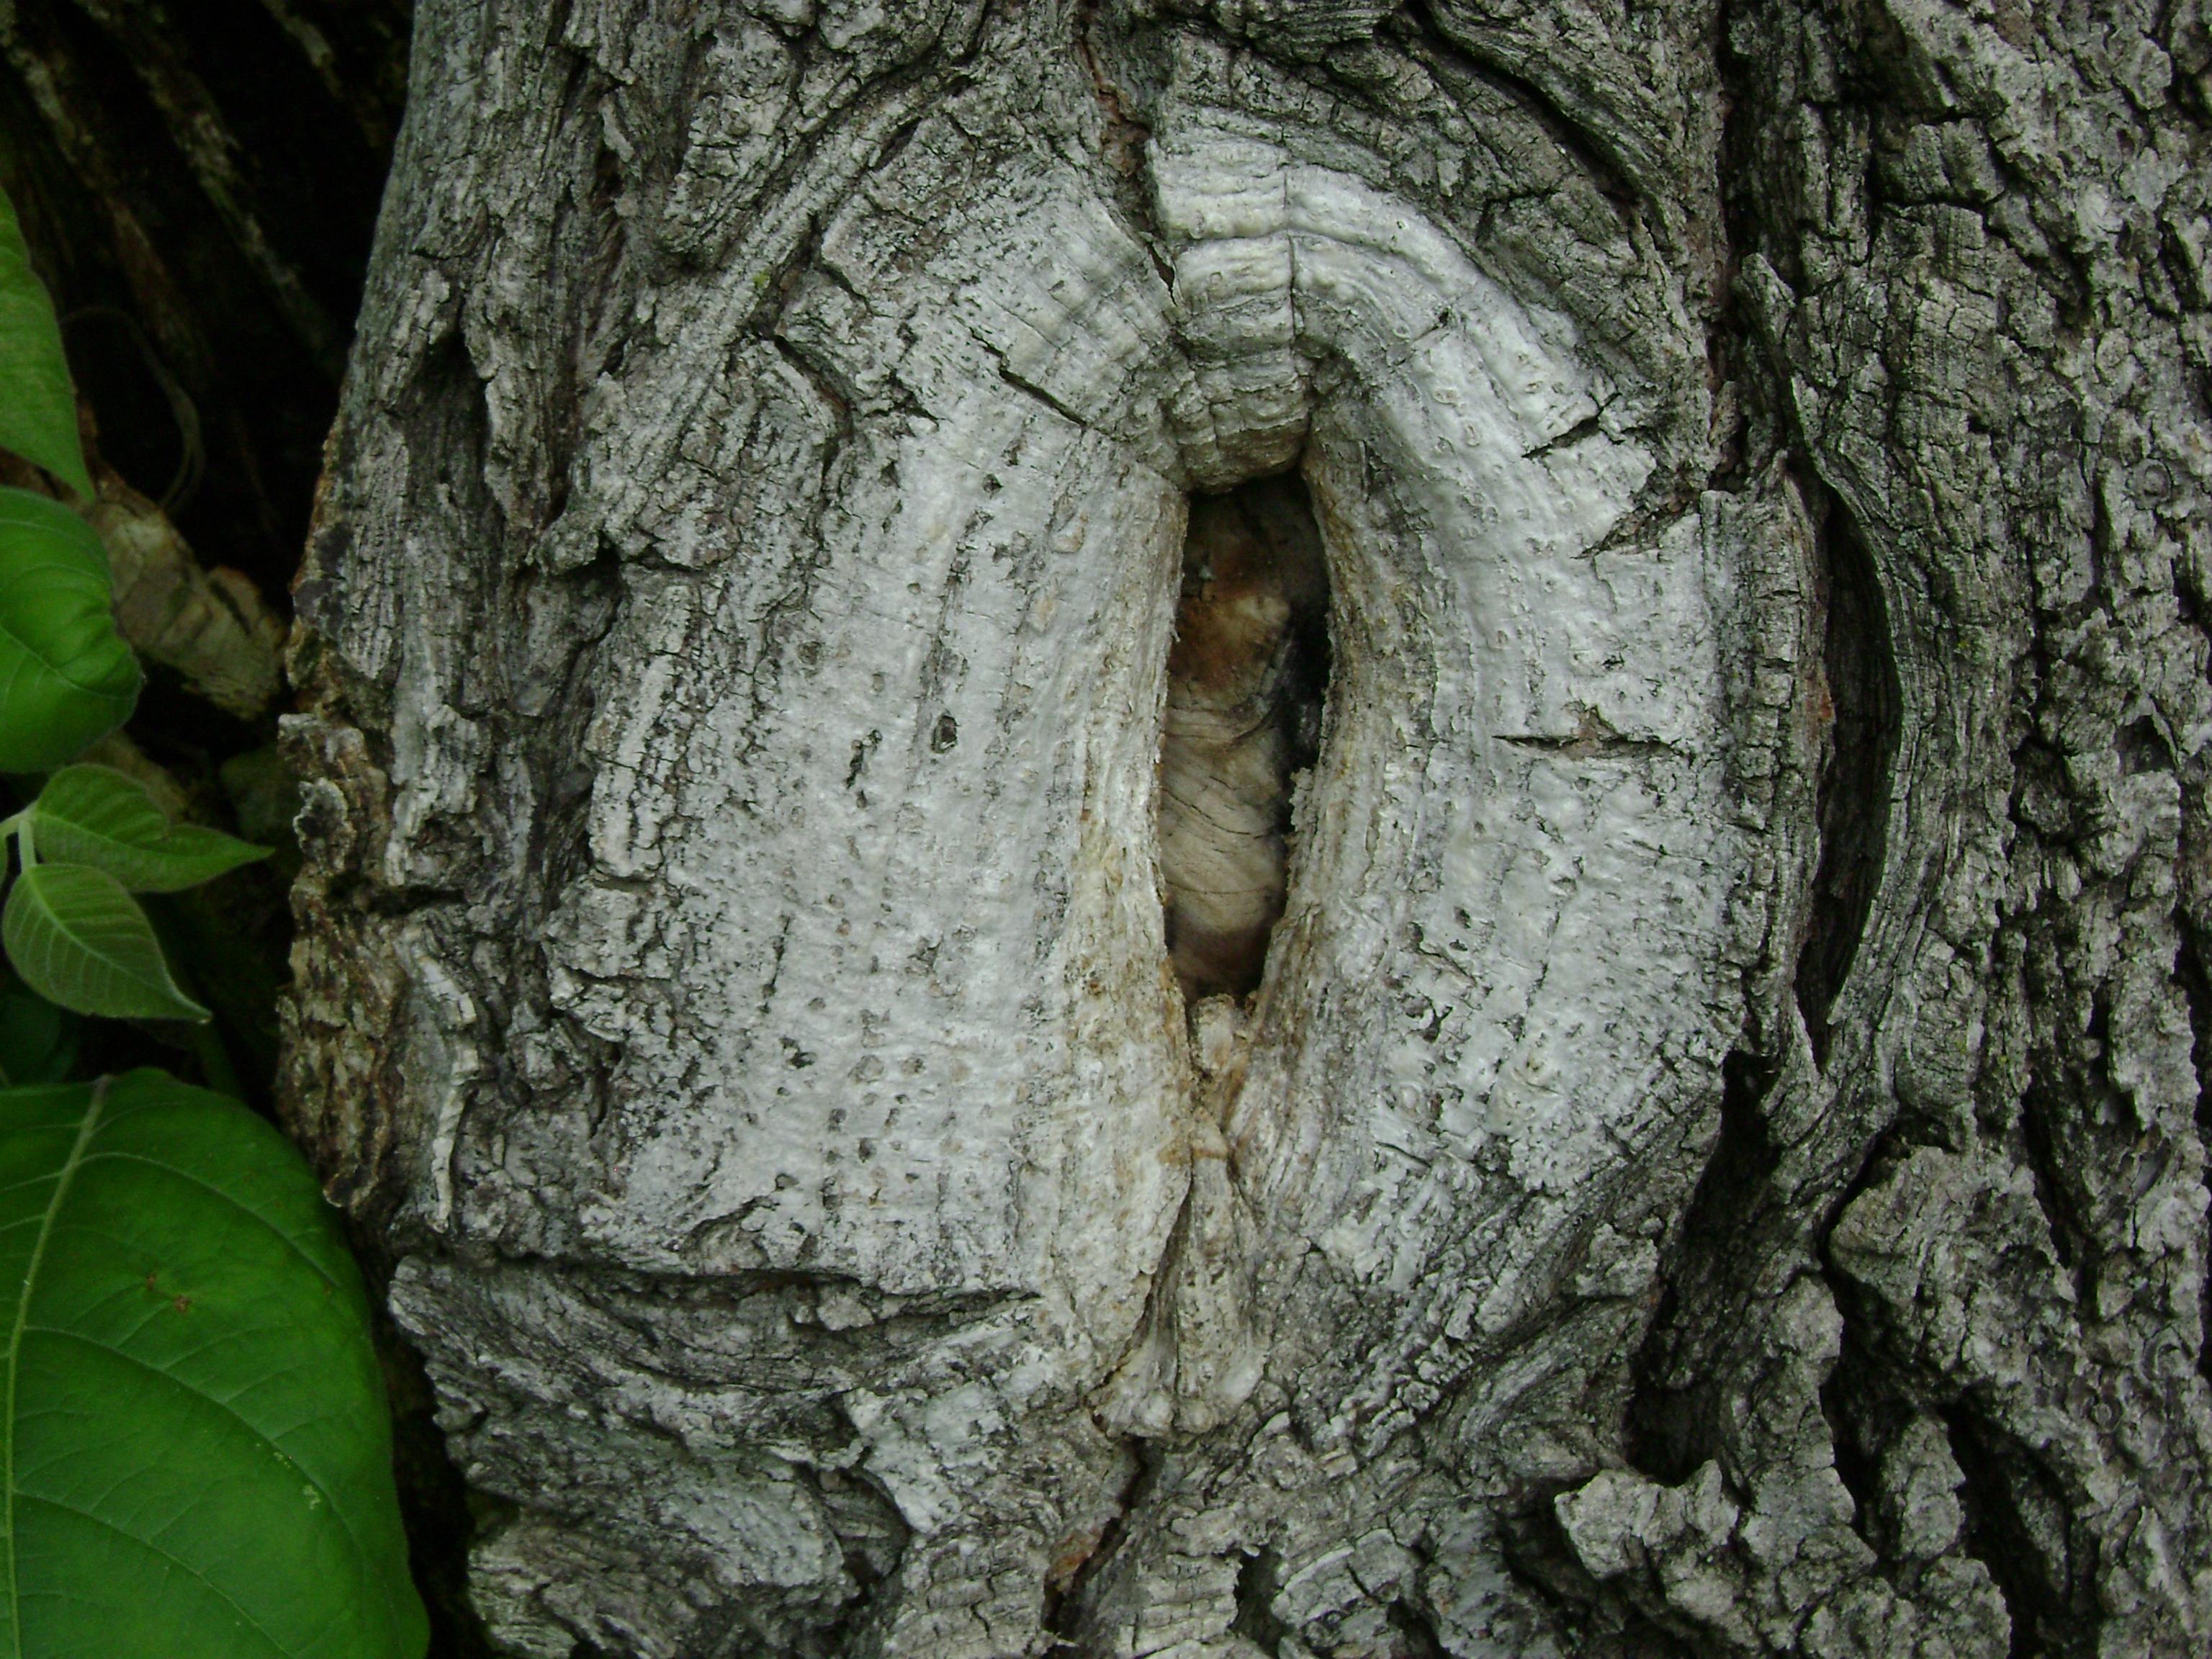 Tree Knot, Bark, Cracked, Dry, Knots, HQ Photo